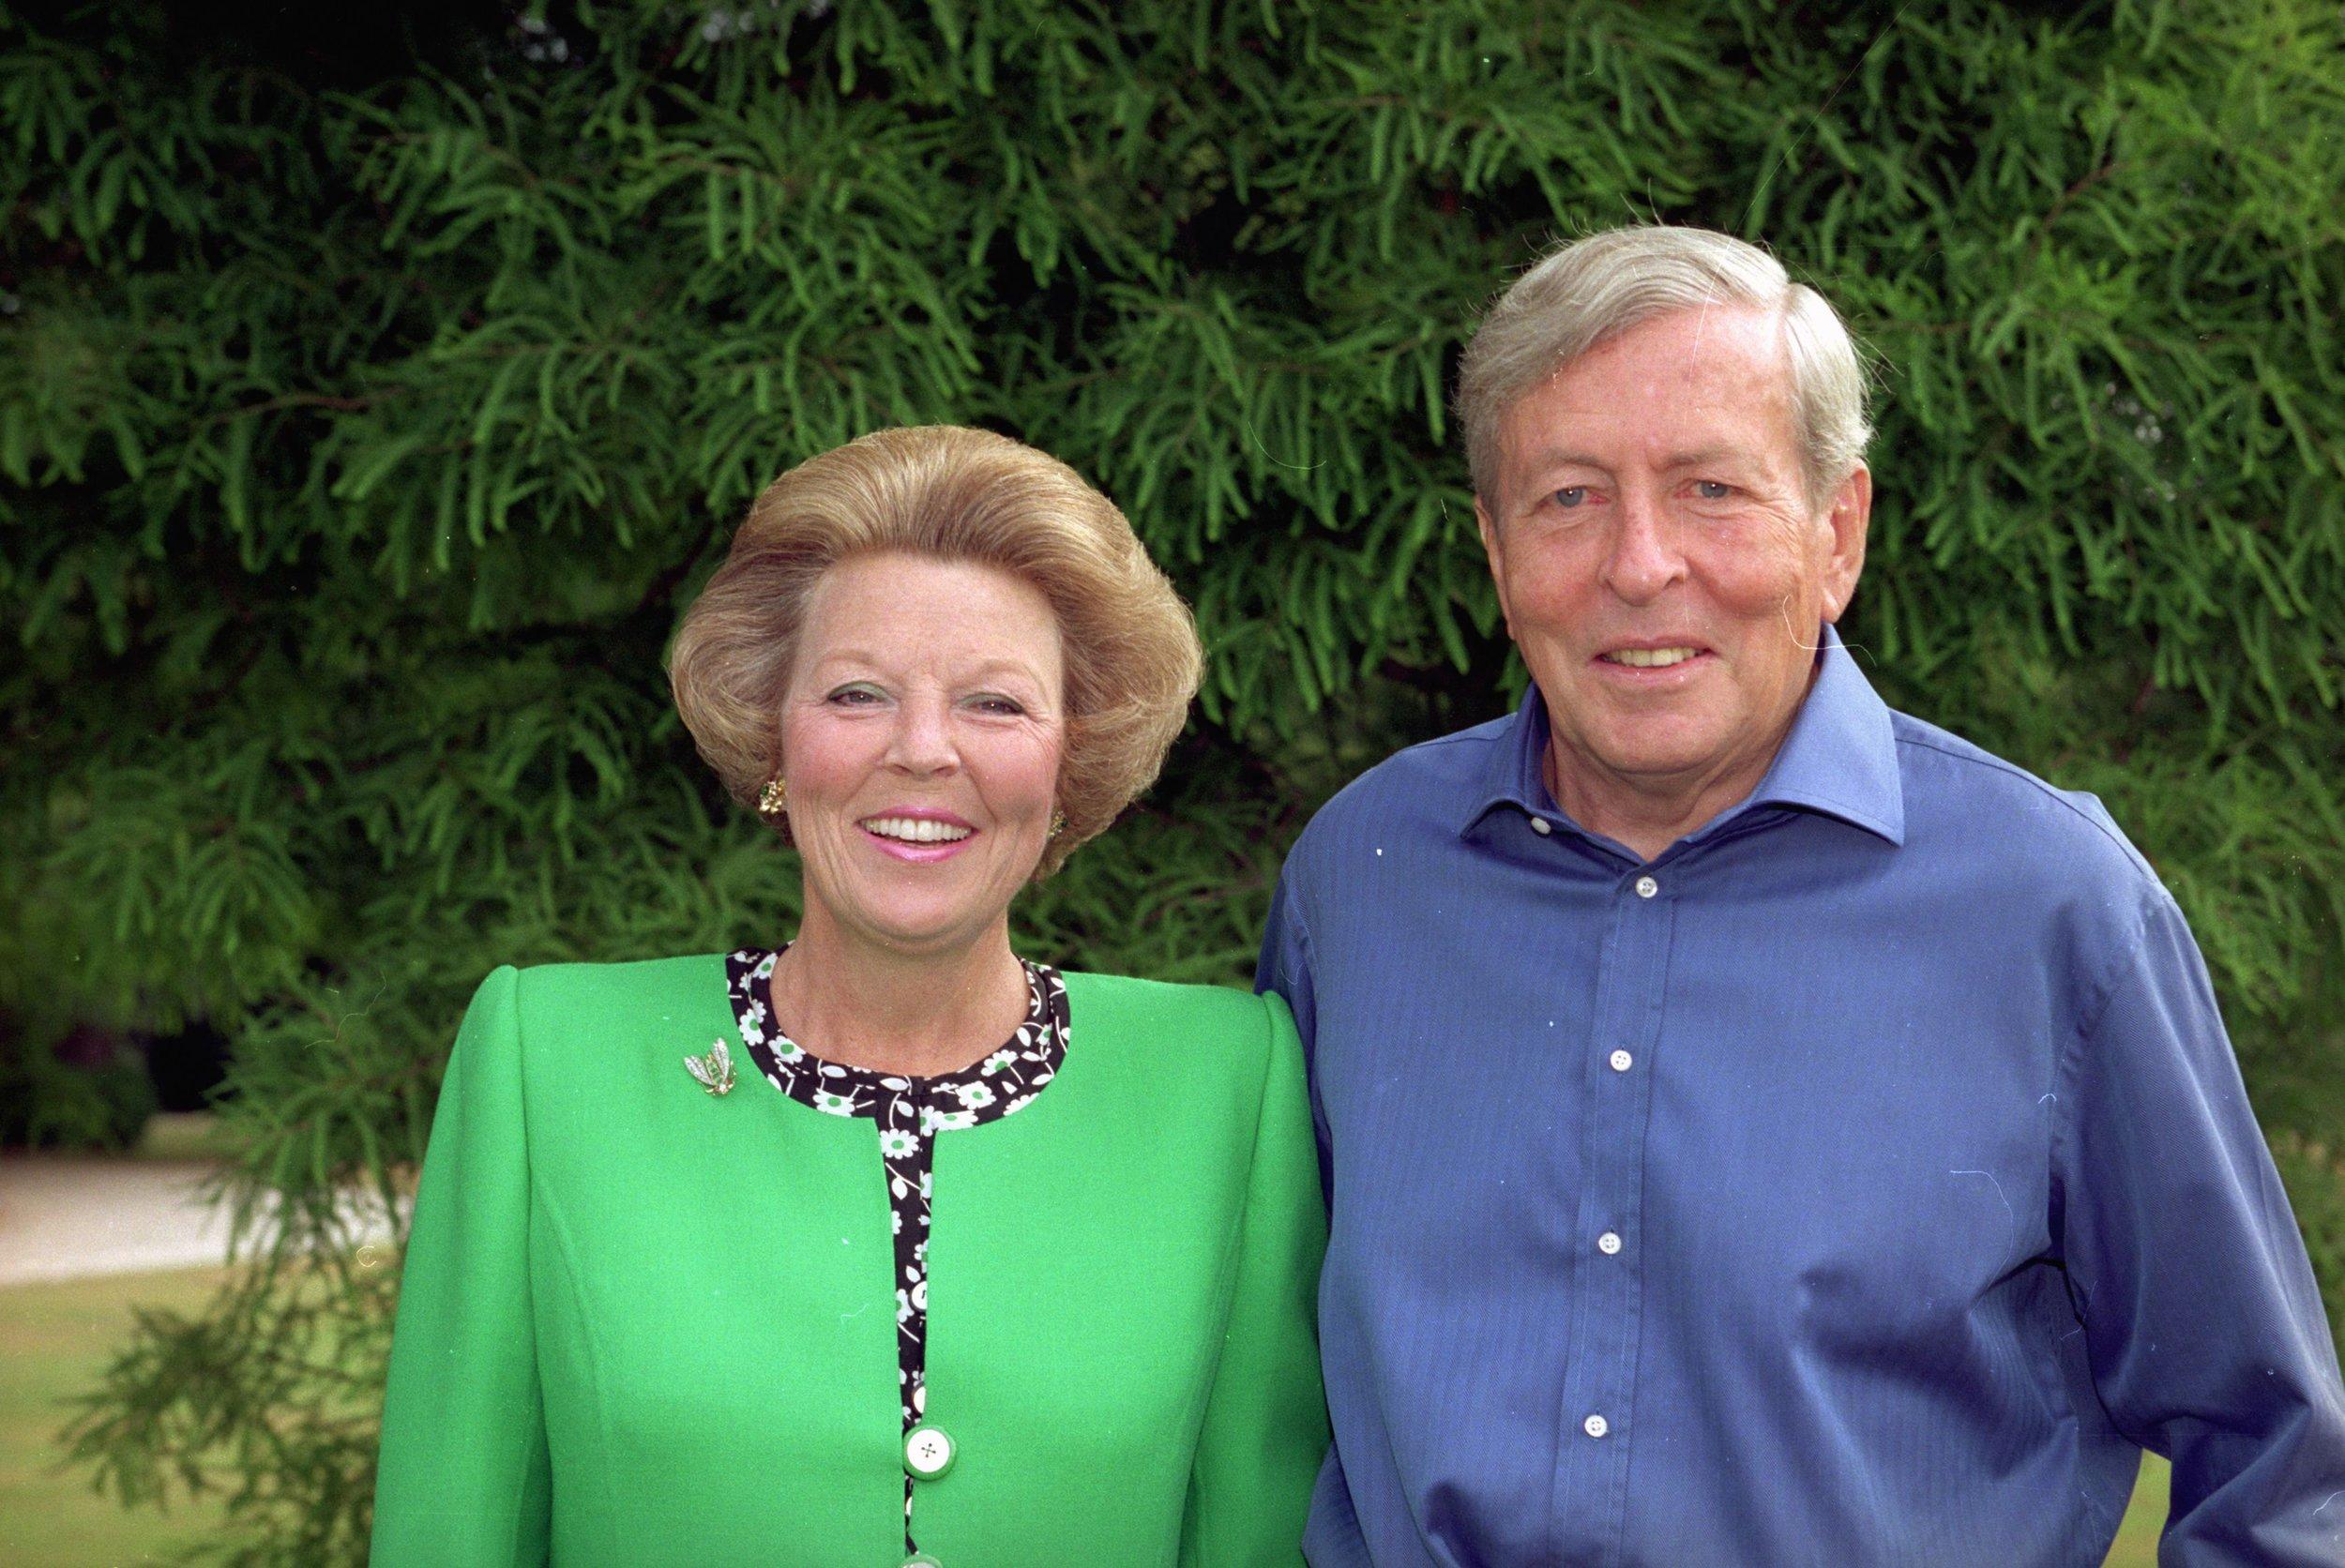 Dass Beatrix ausgerechnet den deutschen Claus geheiratet hat, sorgte für Probleme...   Foto: Ruud Hoff, Nationaal Archief, Fotocollectie RVD